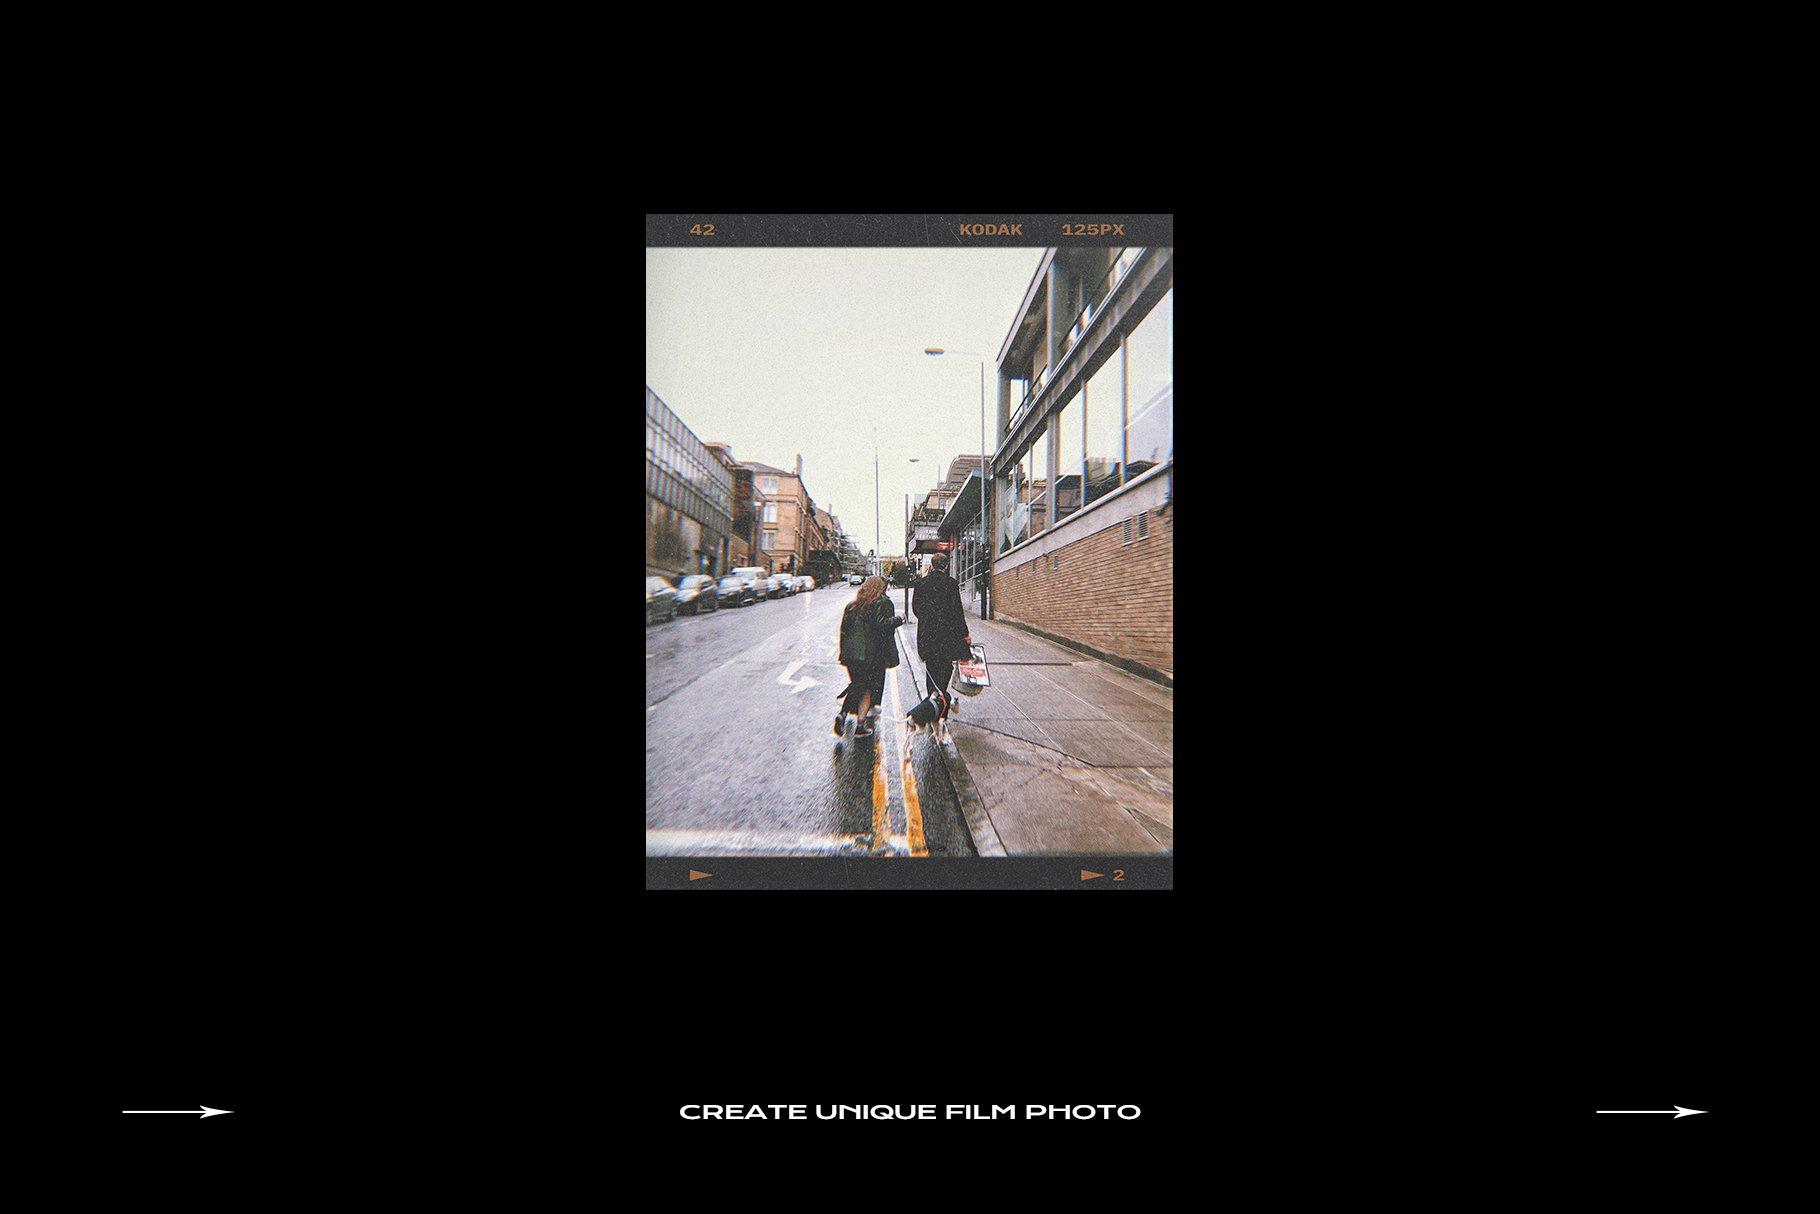 120款复古质感胶卷底片相片边框特效滤镜样机模板 Film Frame Mockup Template Bundle插图(44)